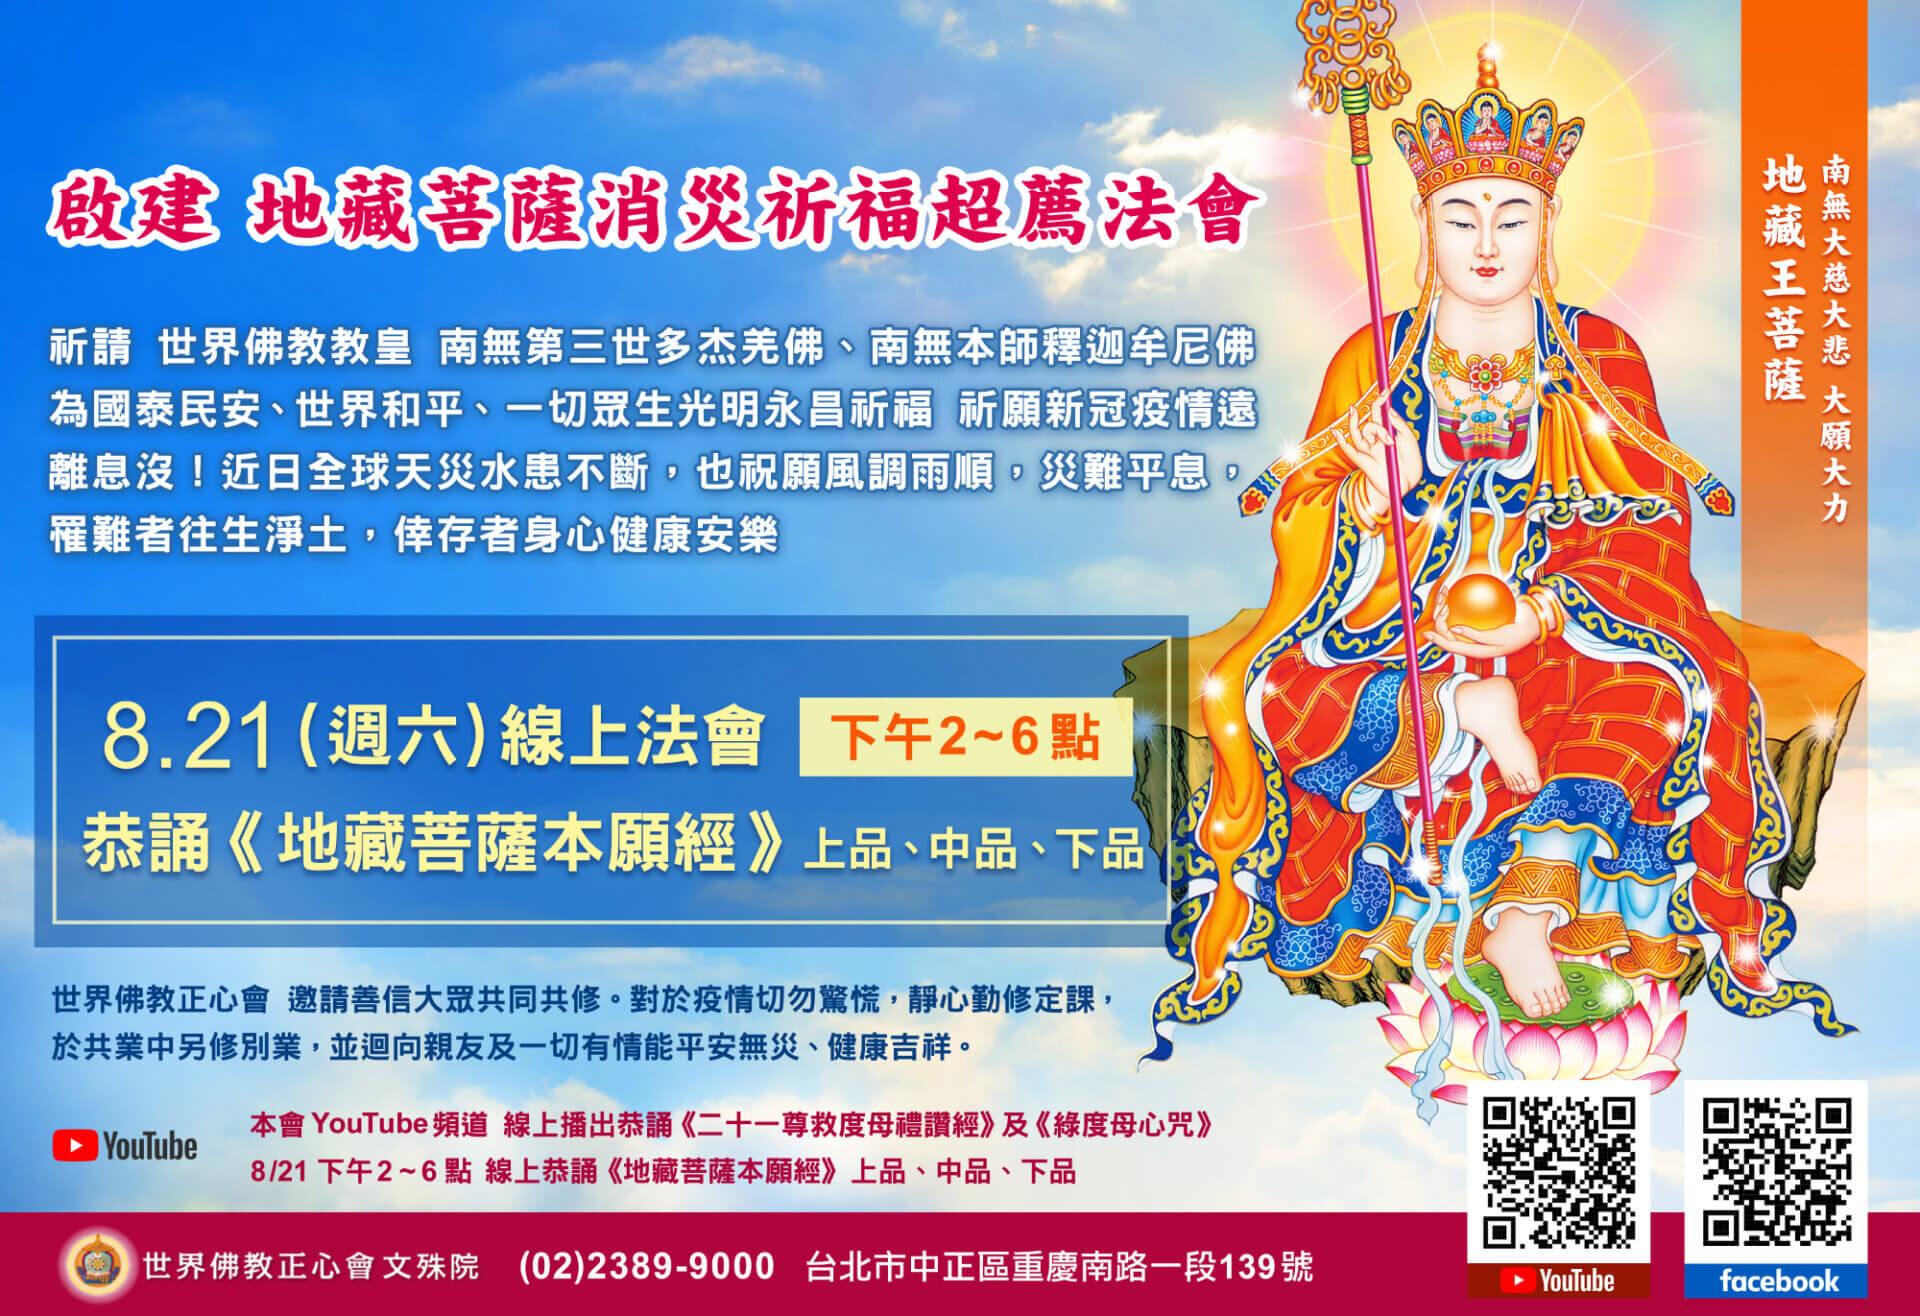 8月21日世界佛教正心會舉辦線上法會《啟建地藏菩薩消災祈福超薦法會》